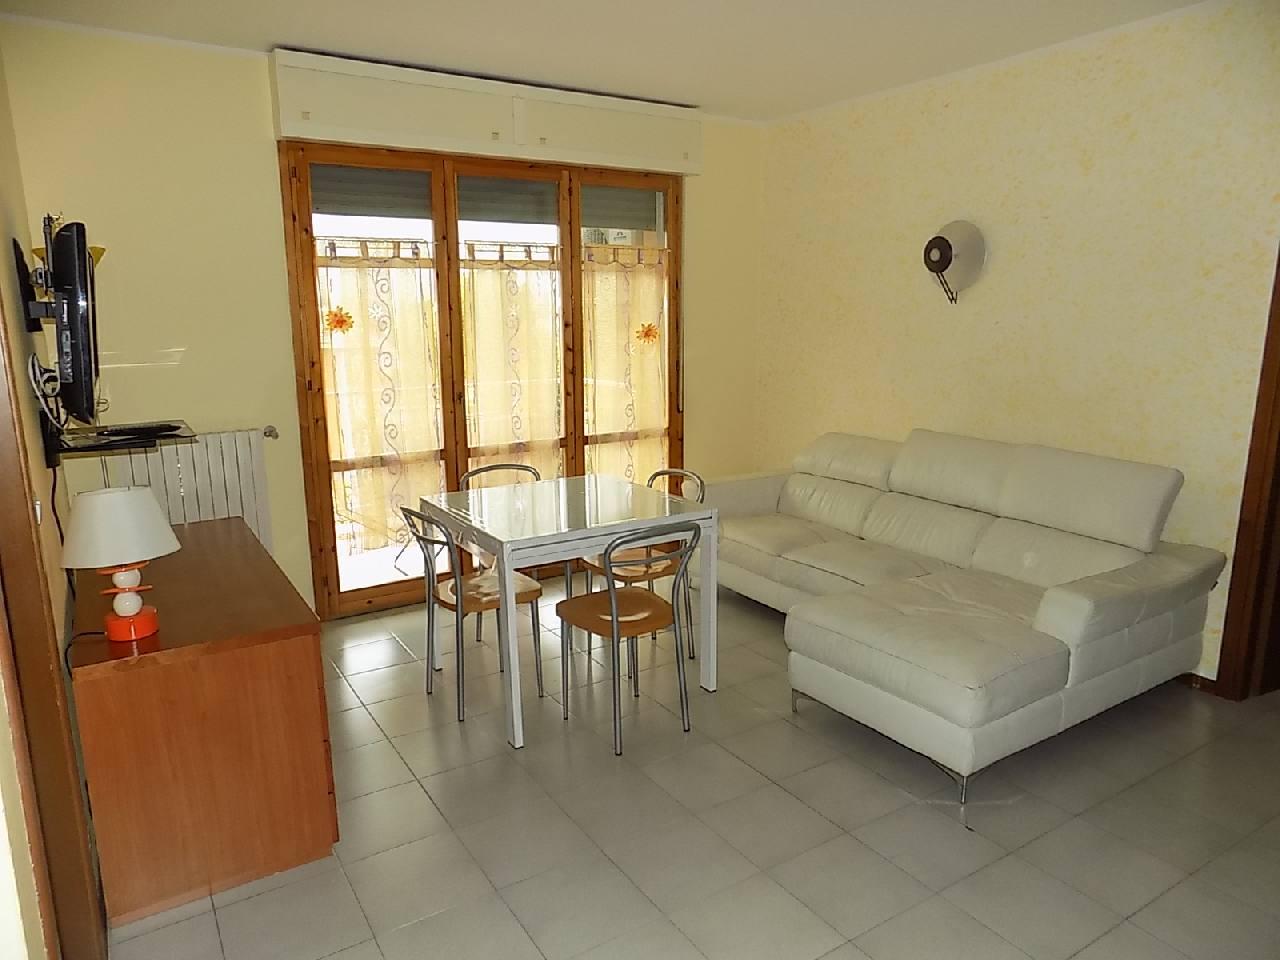 Appartamento in vendita a Pianoro, 2 locali, zona Località: Pianoro, prezzo € 195.000 | CambioCasa.it